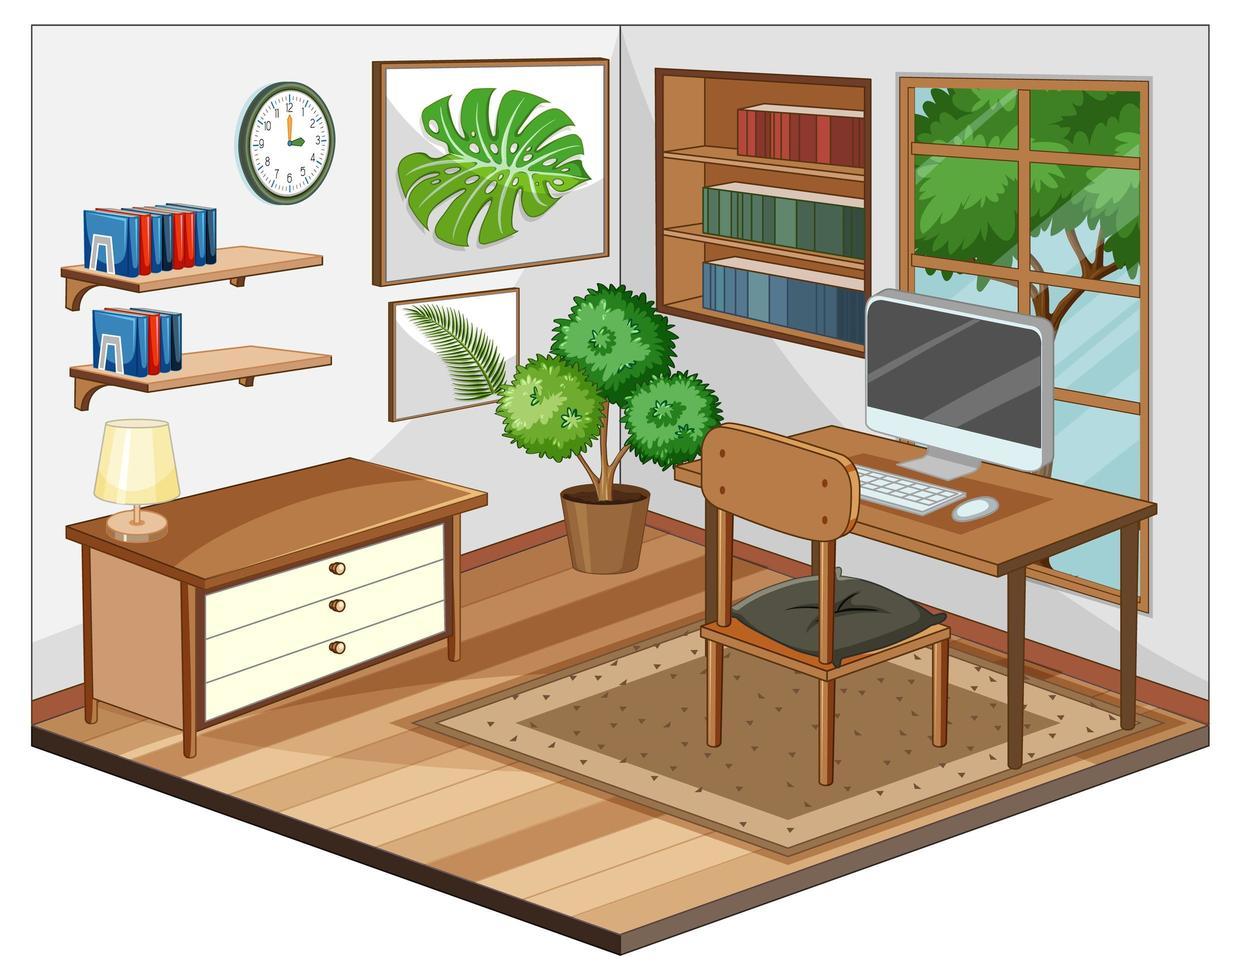 werkplek interieur met meubels vector